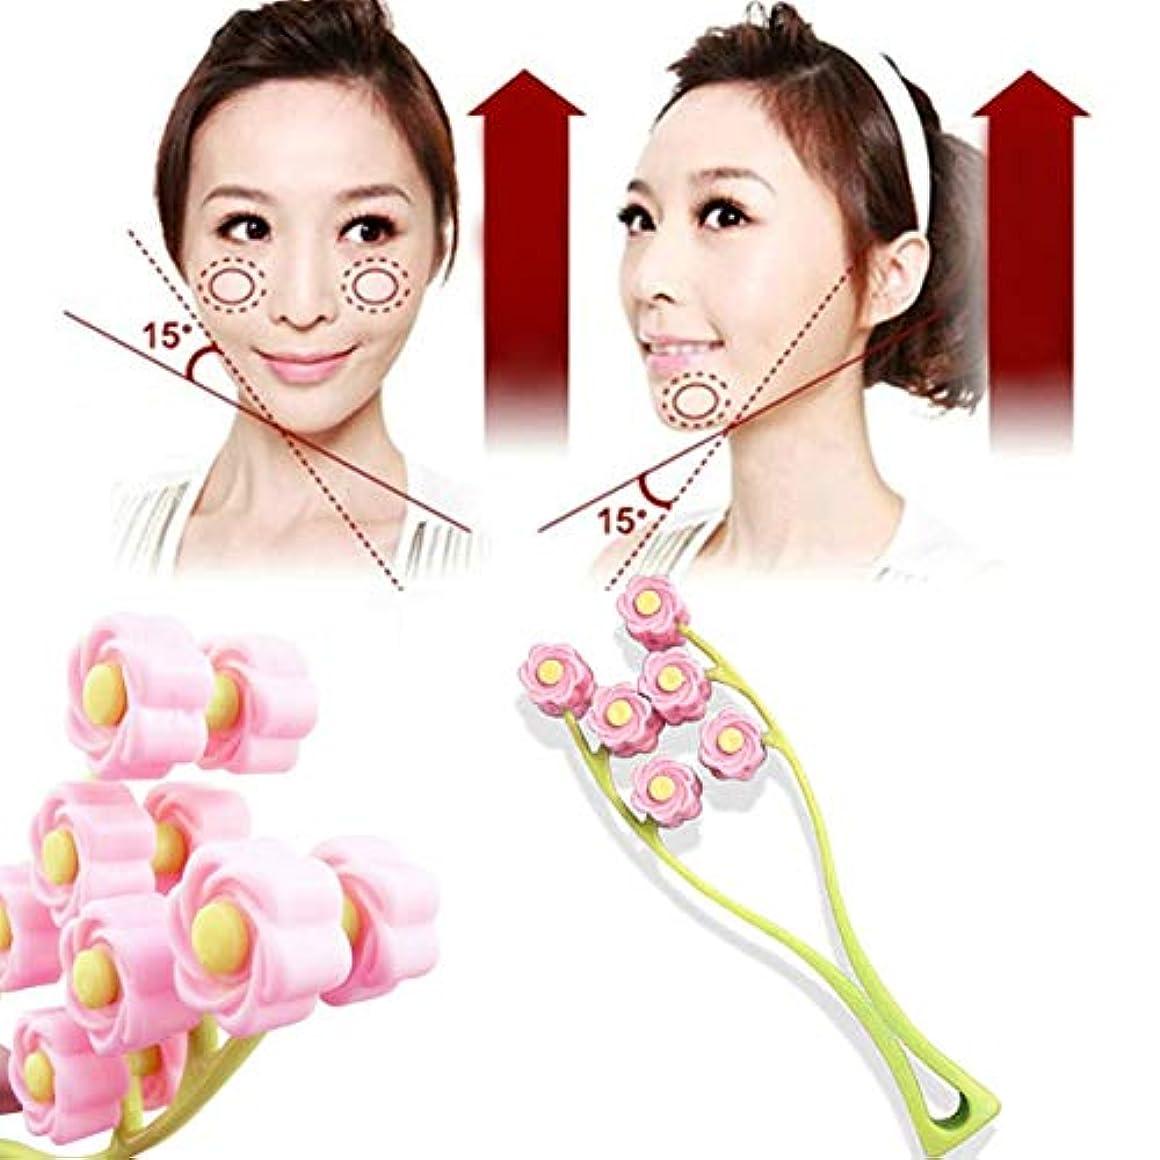 スペシャリスト鎖硬さElegant Flower Shape Portable Facial Massager Roller Anti-Wrinkle Face Lifter Slimming Face Shaper Relaxation...